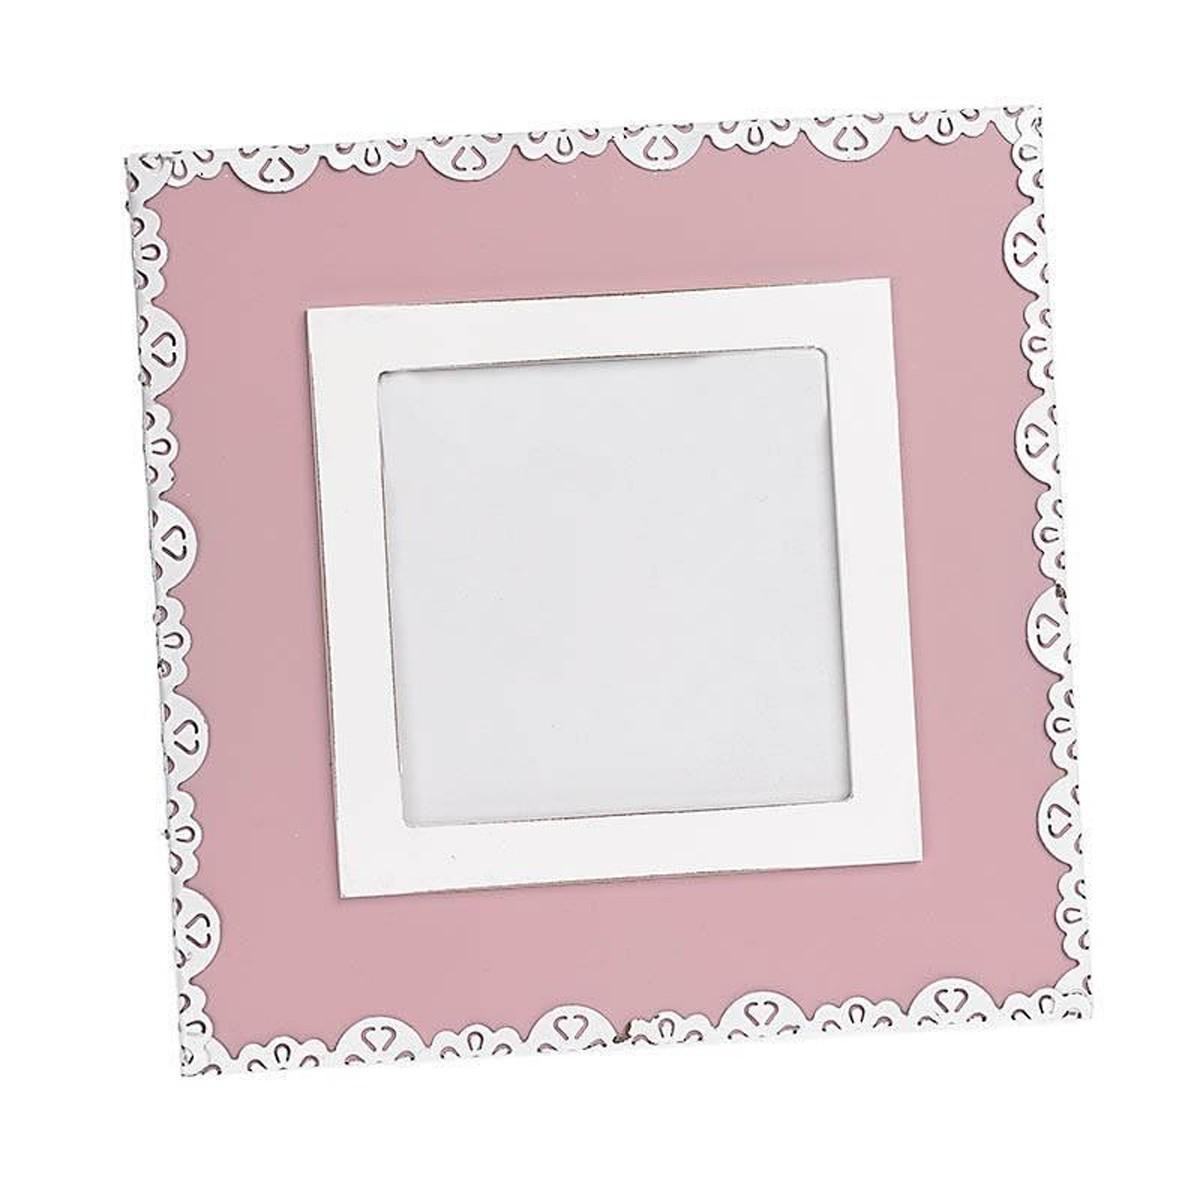 Κορνίζα (10x10) InArt 3-30-193-0003